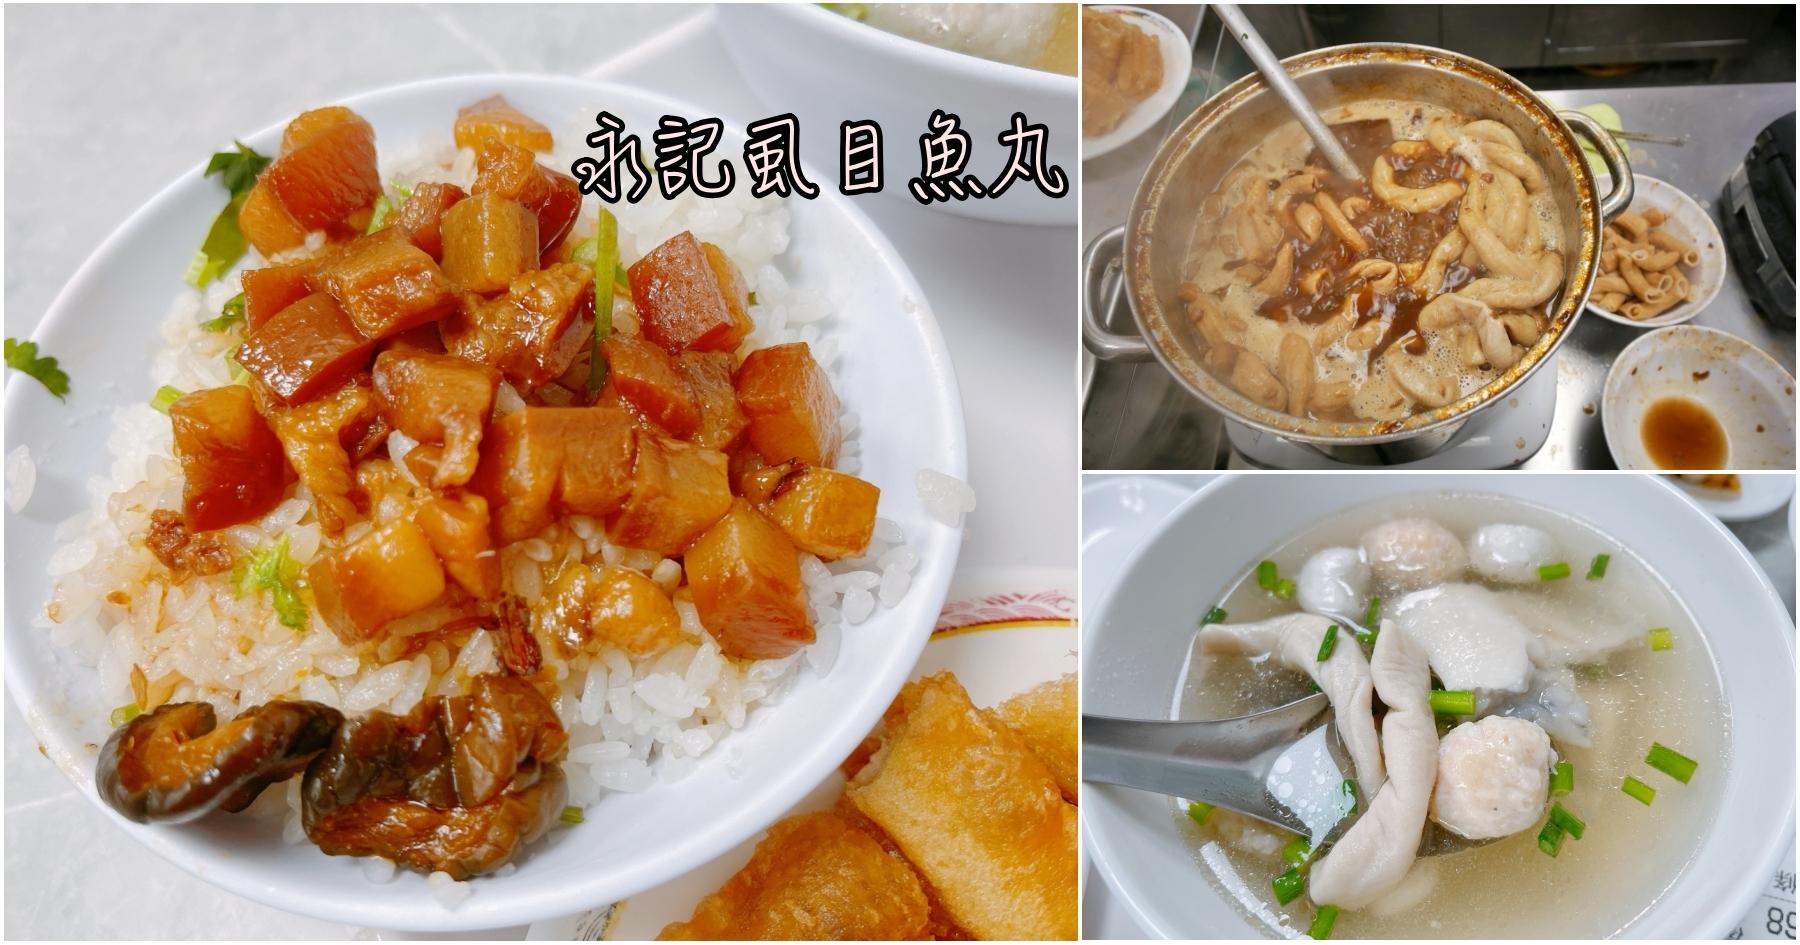 最新推播訊息:[台南美食]永記虱目魚丸|中西區小吃~休息後再出發的傳統小吃.在地人推薦綜合湯+肉燥飯